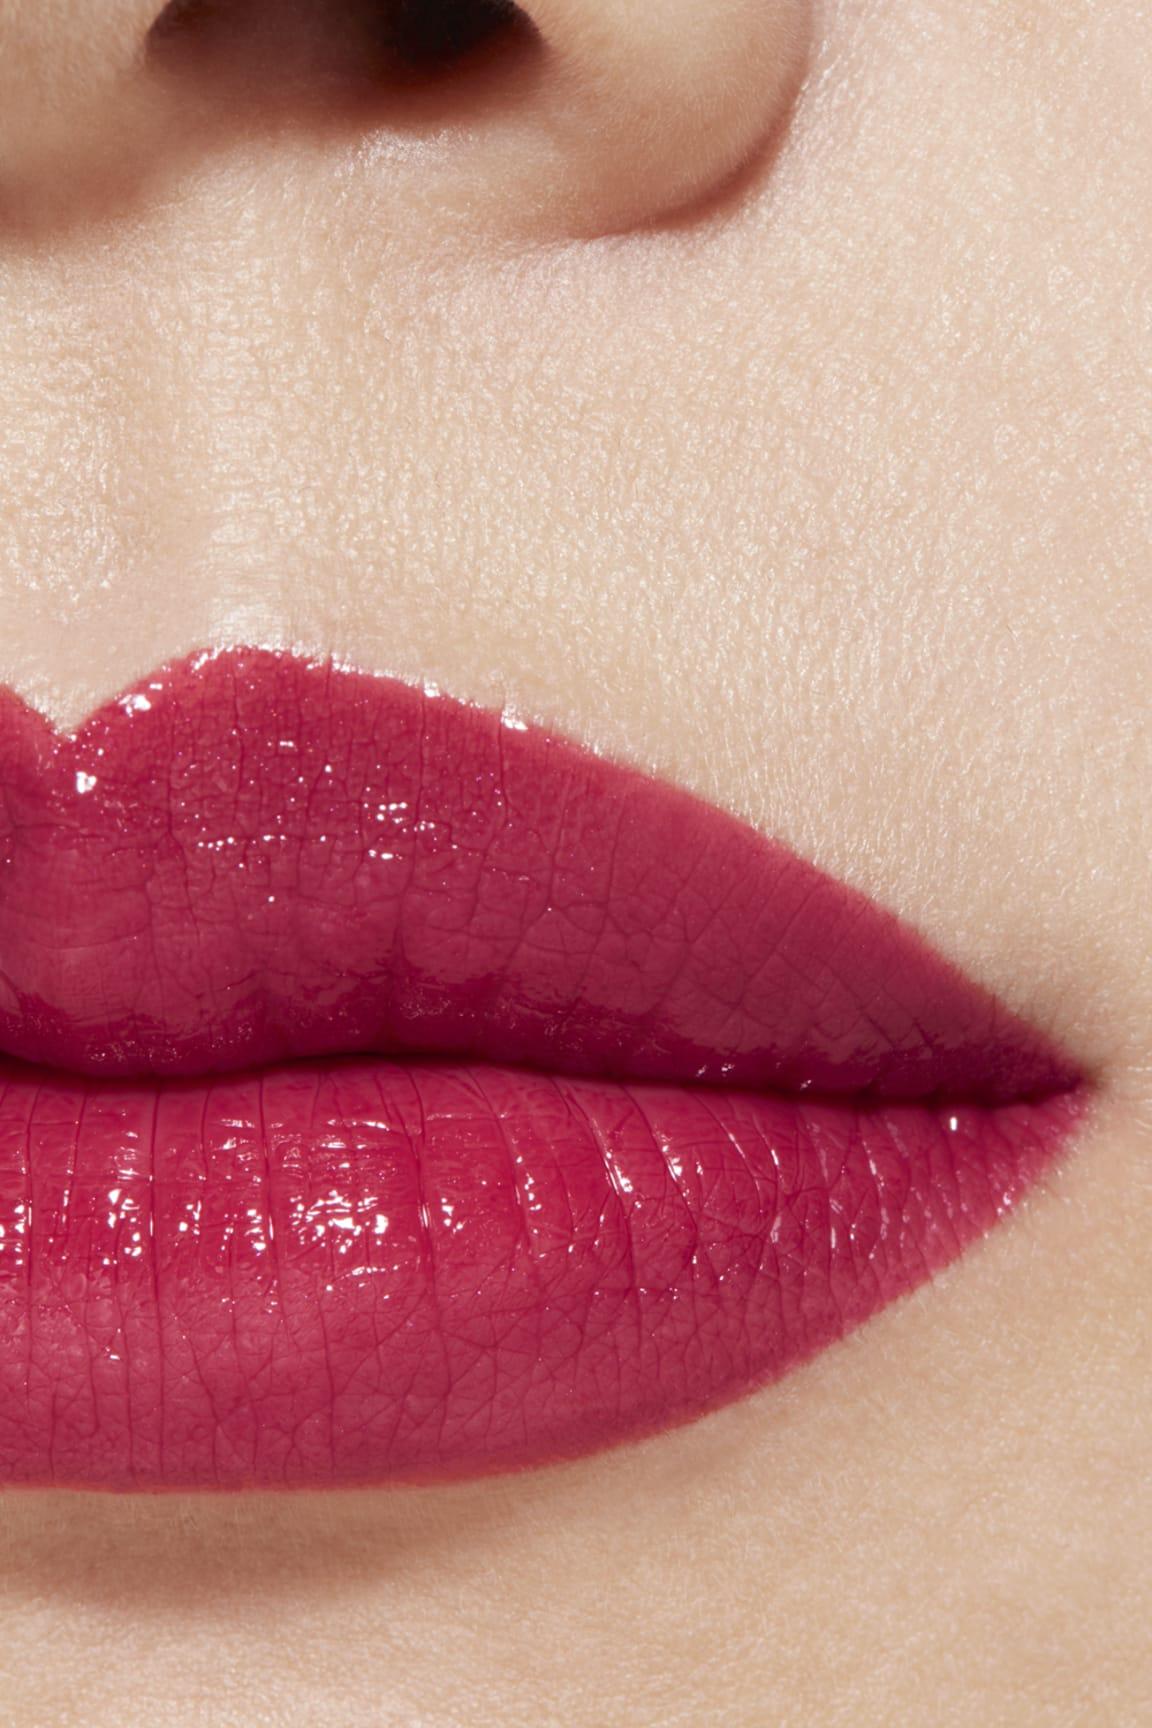 Visuel d'application maquillage 1 - ROUGE COCO 498 - ÉCLAT